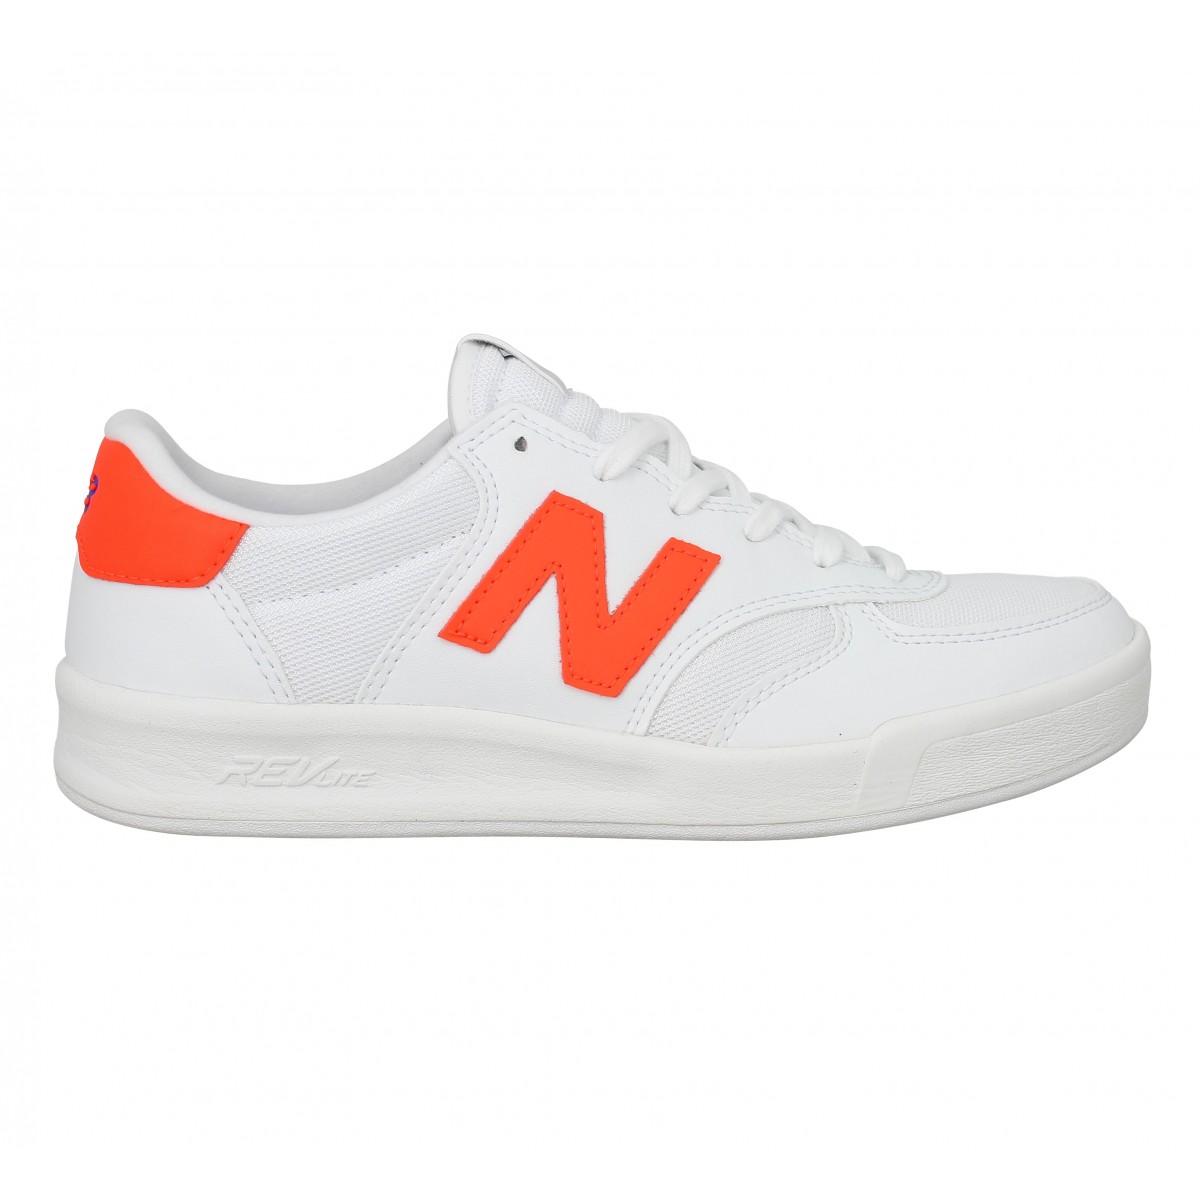 New Balance Femme Blanc Orange